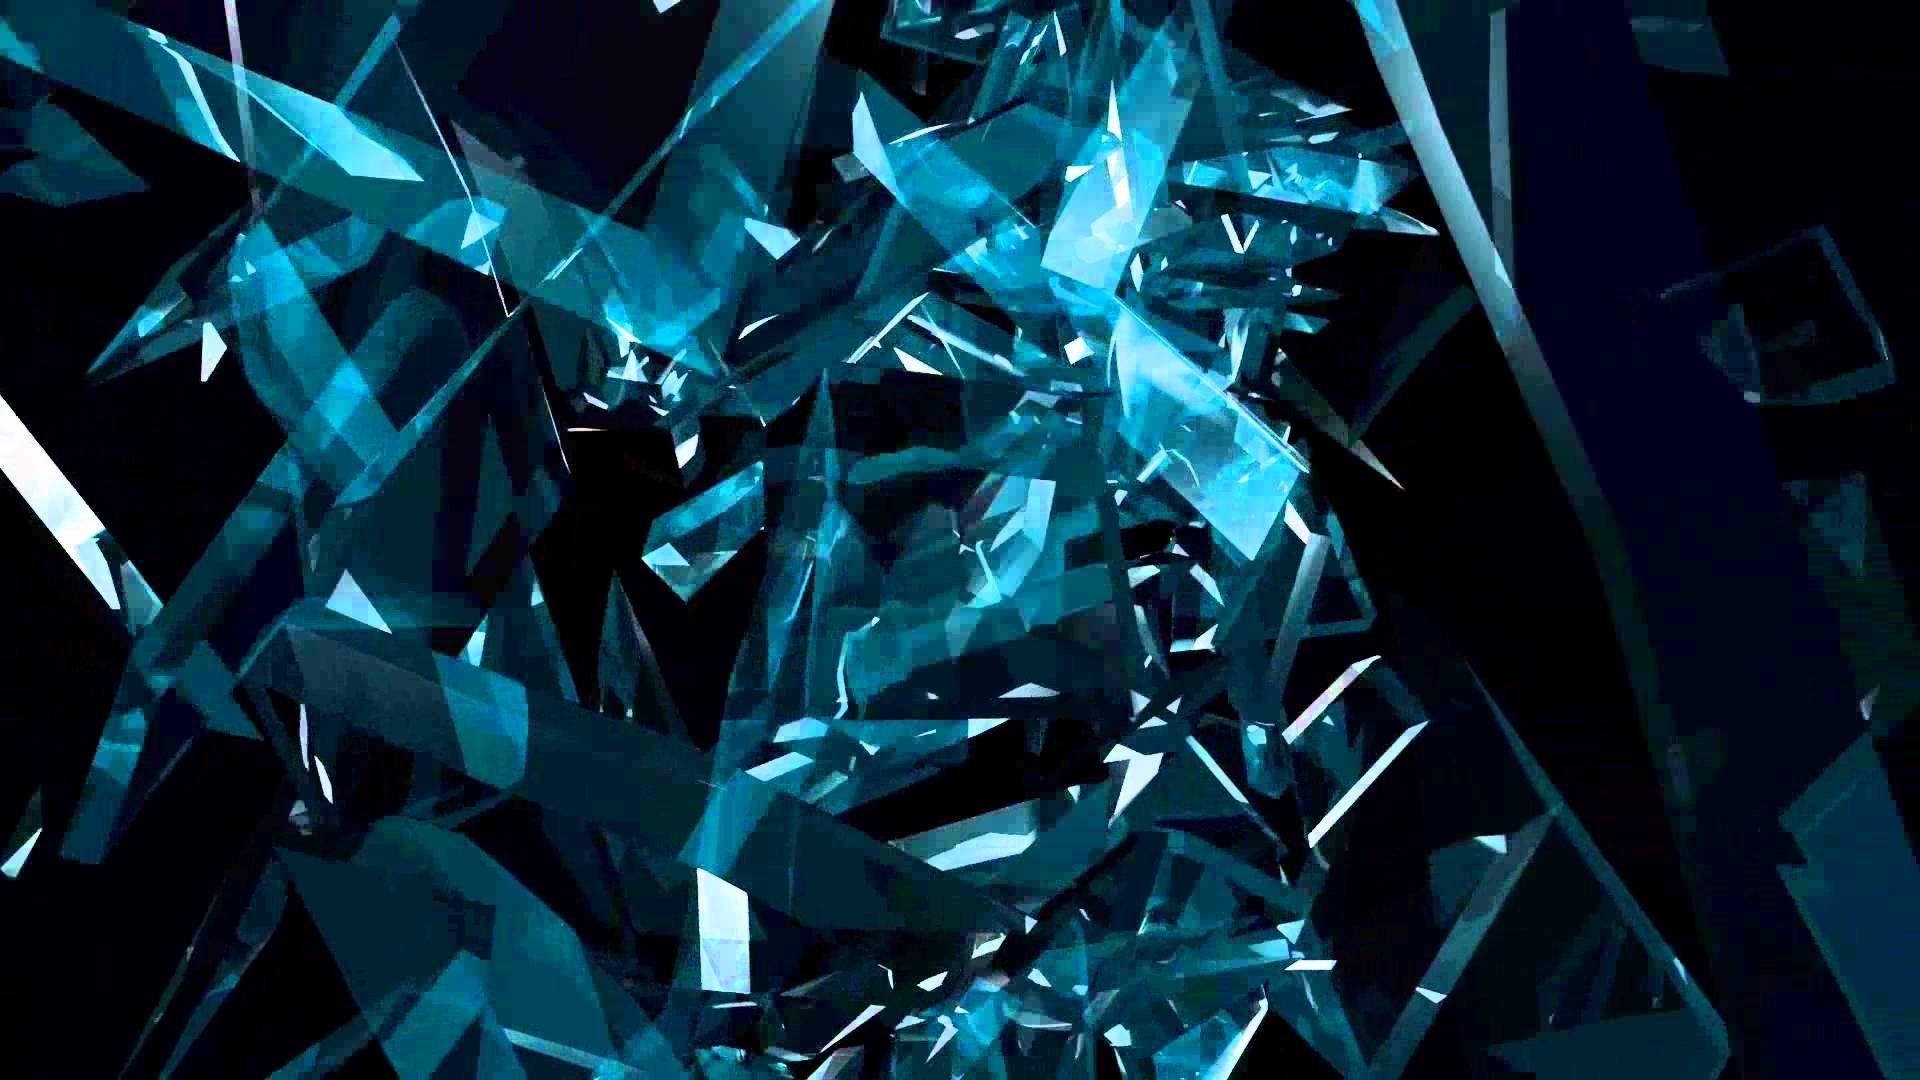 download broken glass 2560x1440 - photo #43